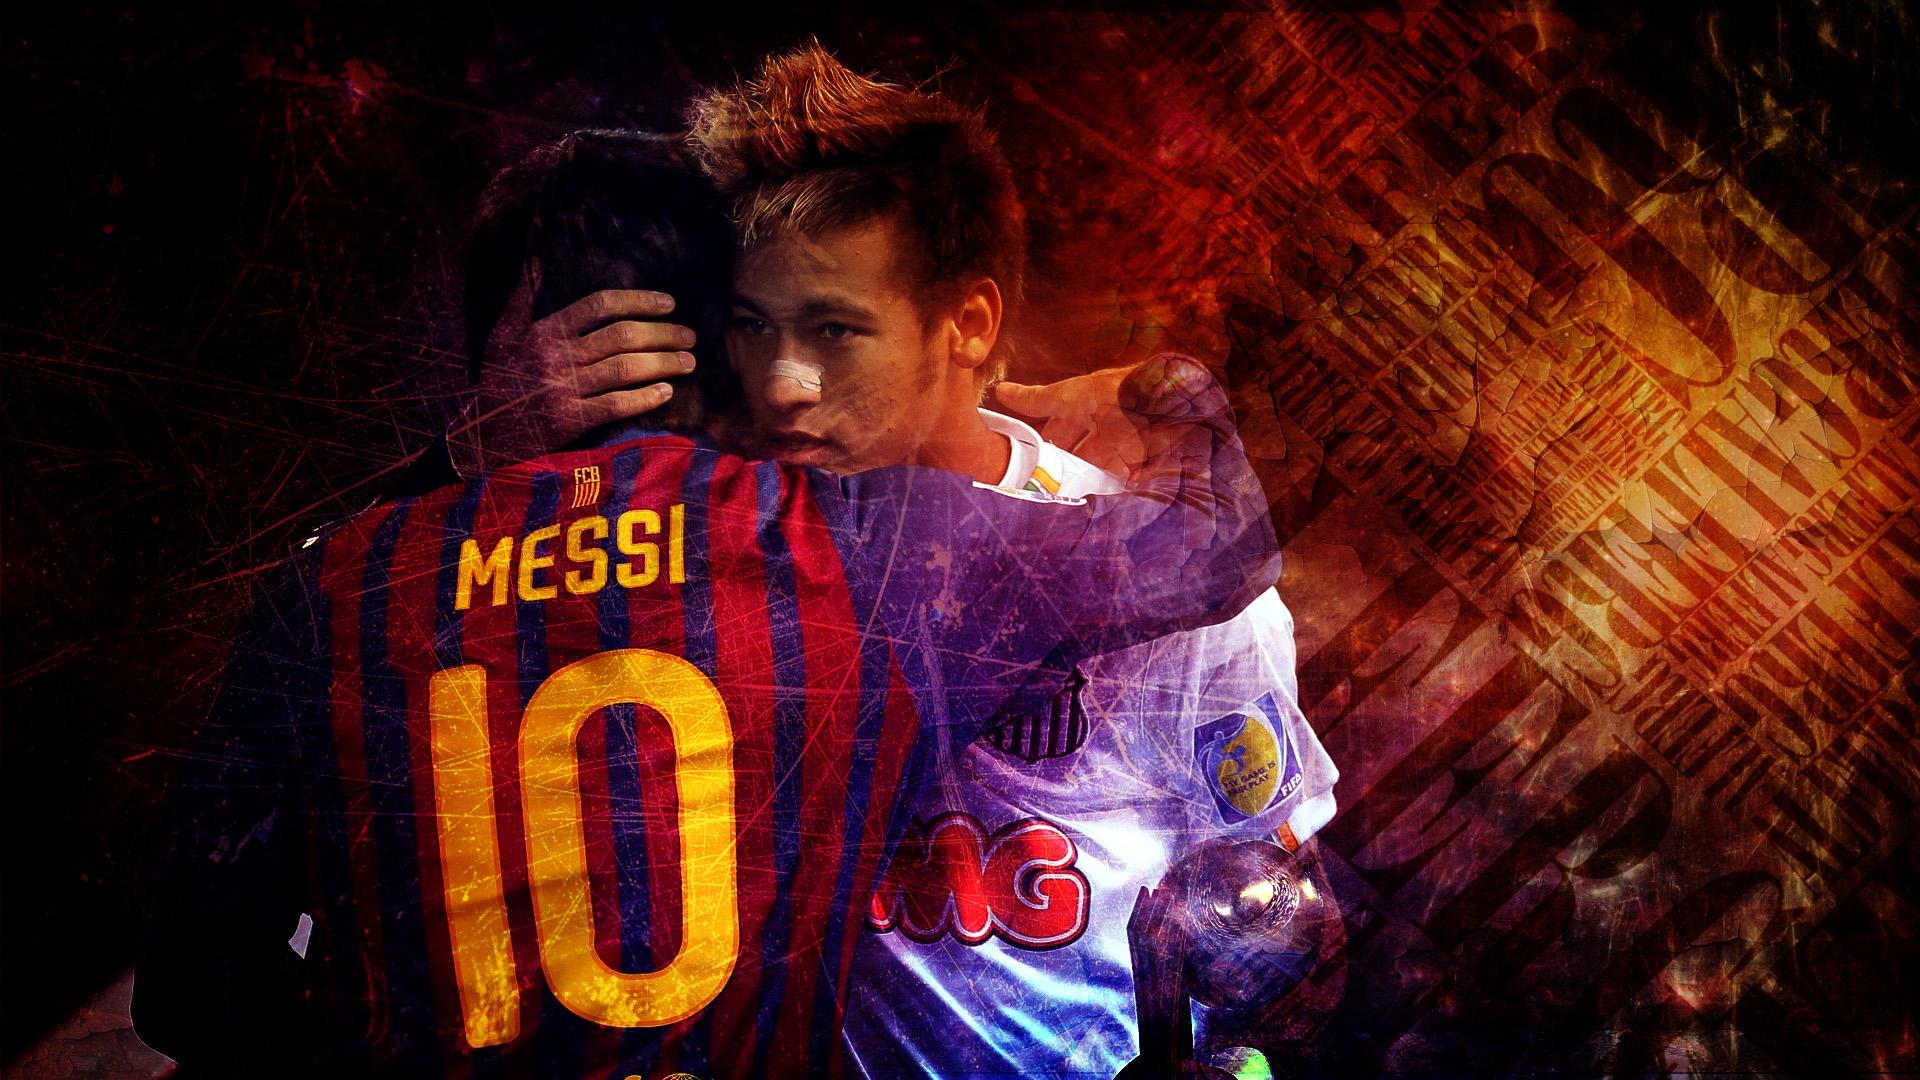 Neymar Messi HD wallpaper 1920x1080